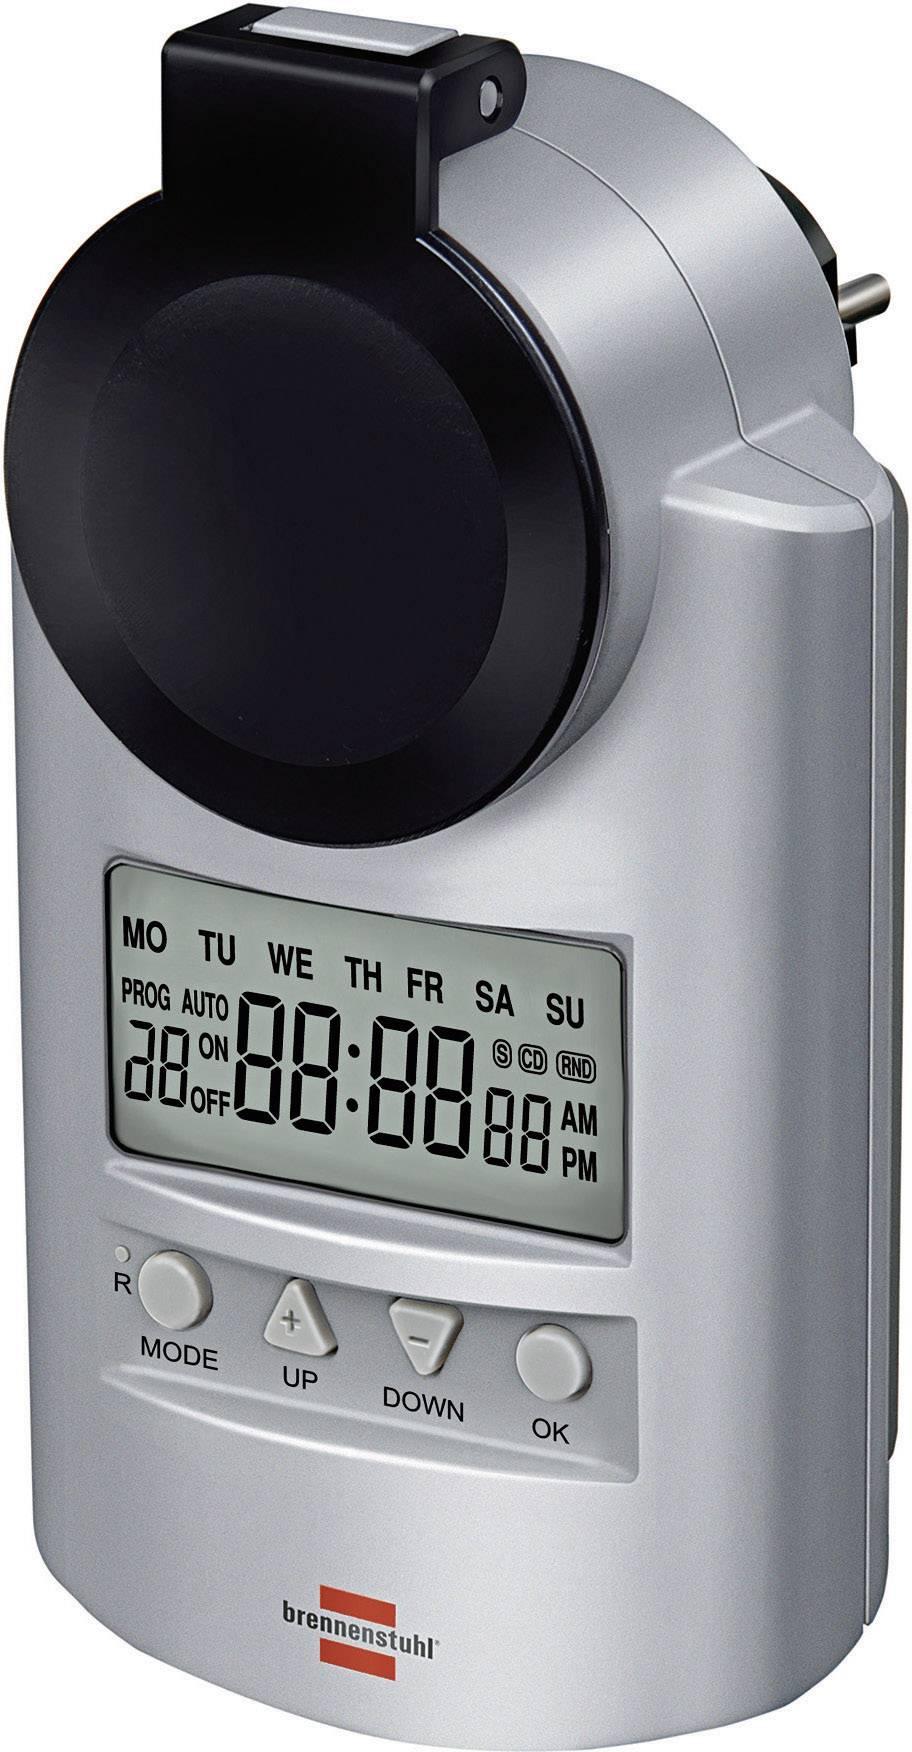 Digitálne spínacie hodiny Brennenstuhl, IP44